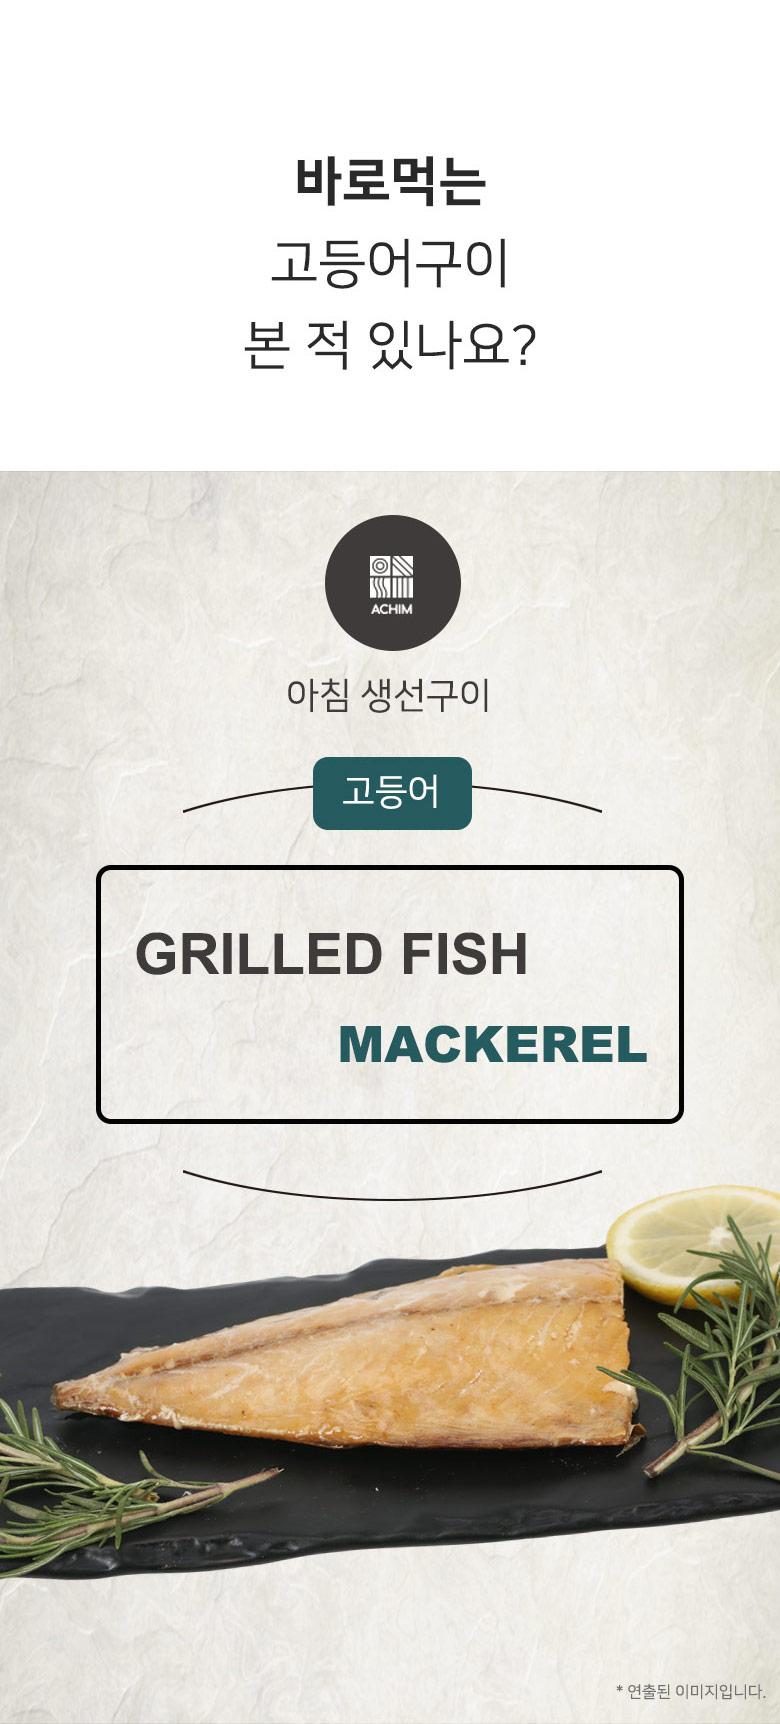 achim_mackerel_02_shop1_110856.jpg